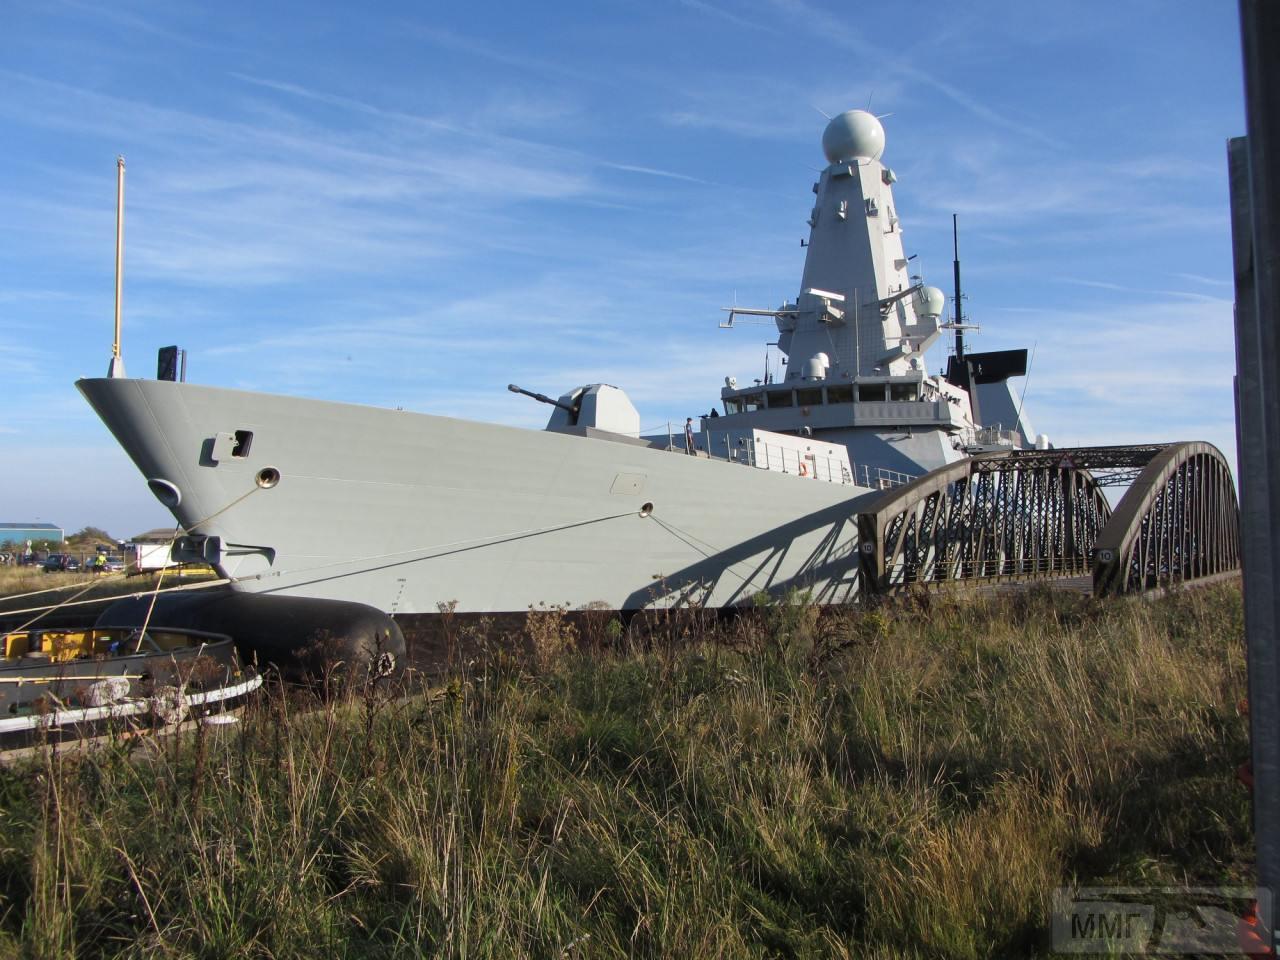 99961 - Royal Navy - все, что не входит в соседнюю тему.